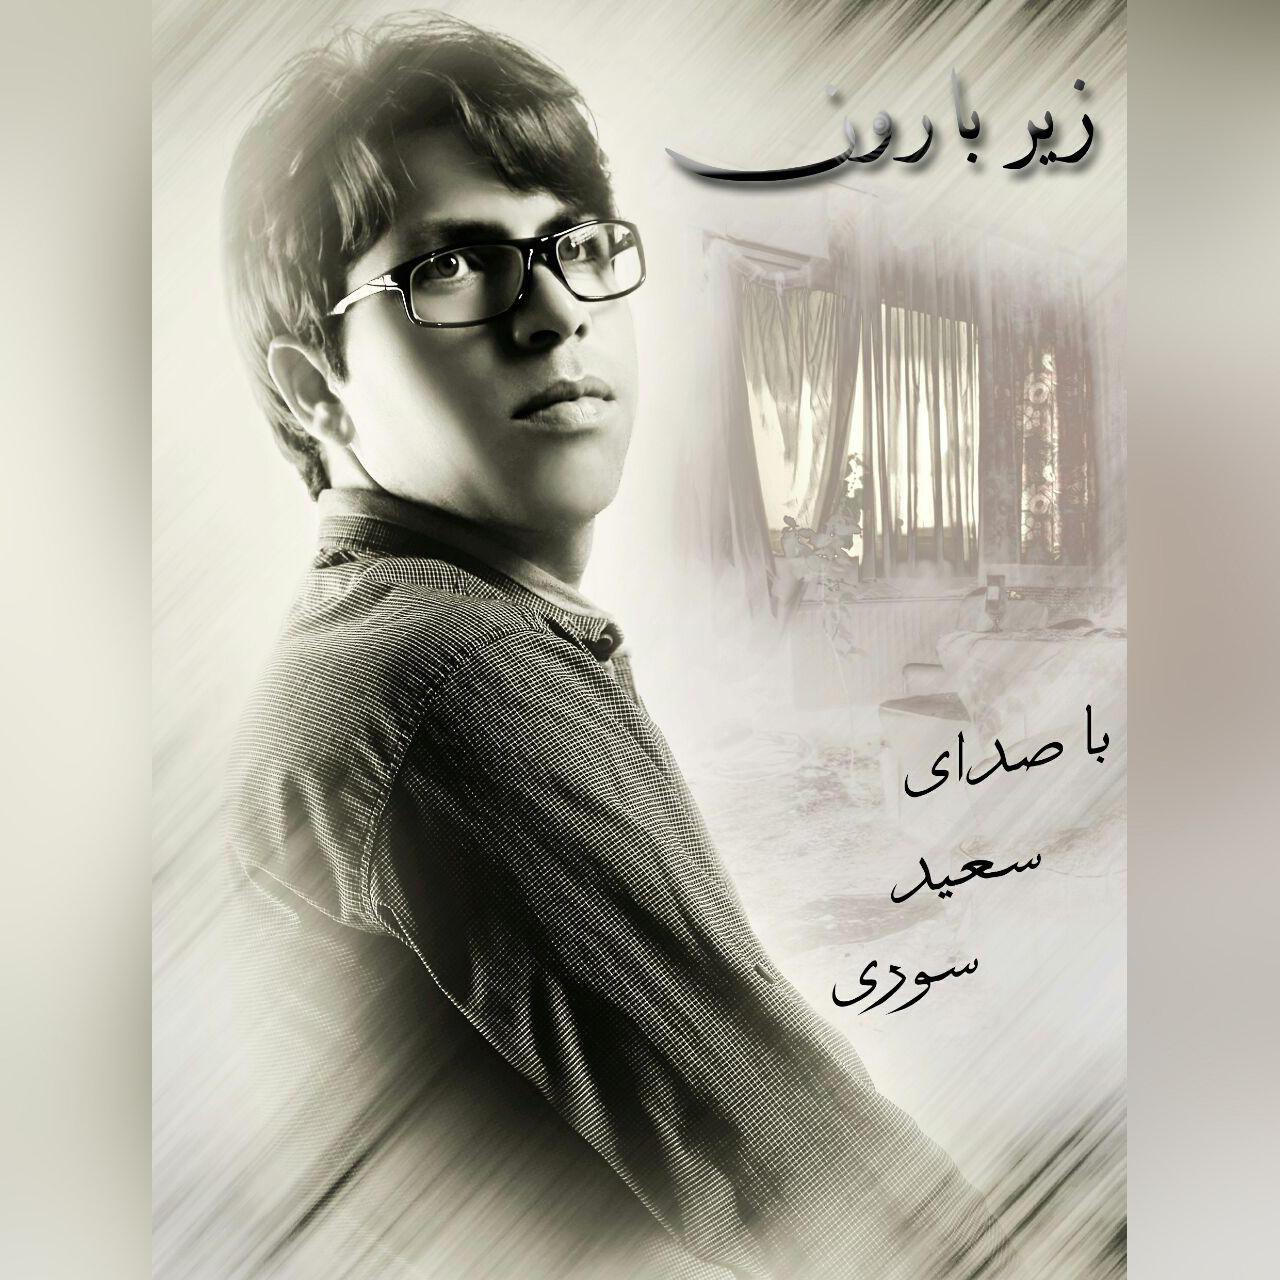 Saeed Soori – Zire Baroon